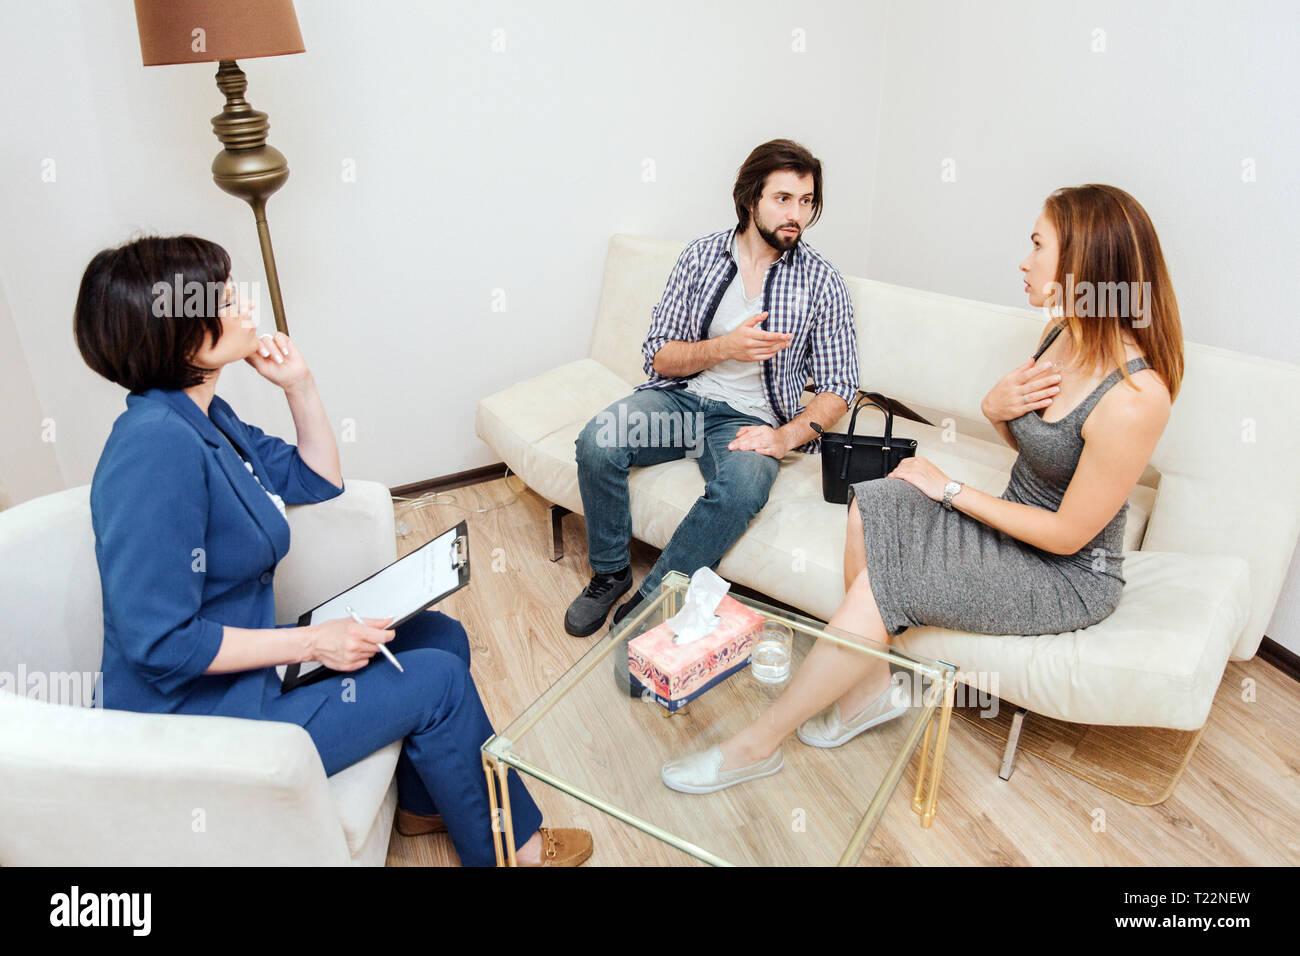 Couplt est assis et parler les uns avec les autres. L'homme est orienté sur la femme. Elle est orientée onn herselfDoctor est à leur écoute très prudent. Photo Stock